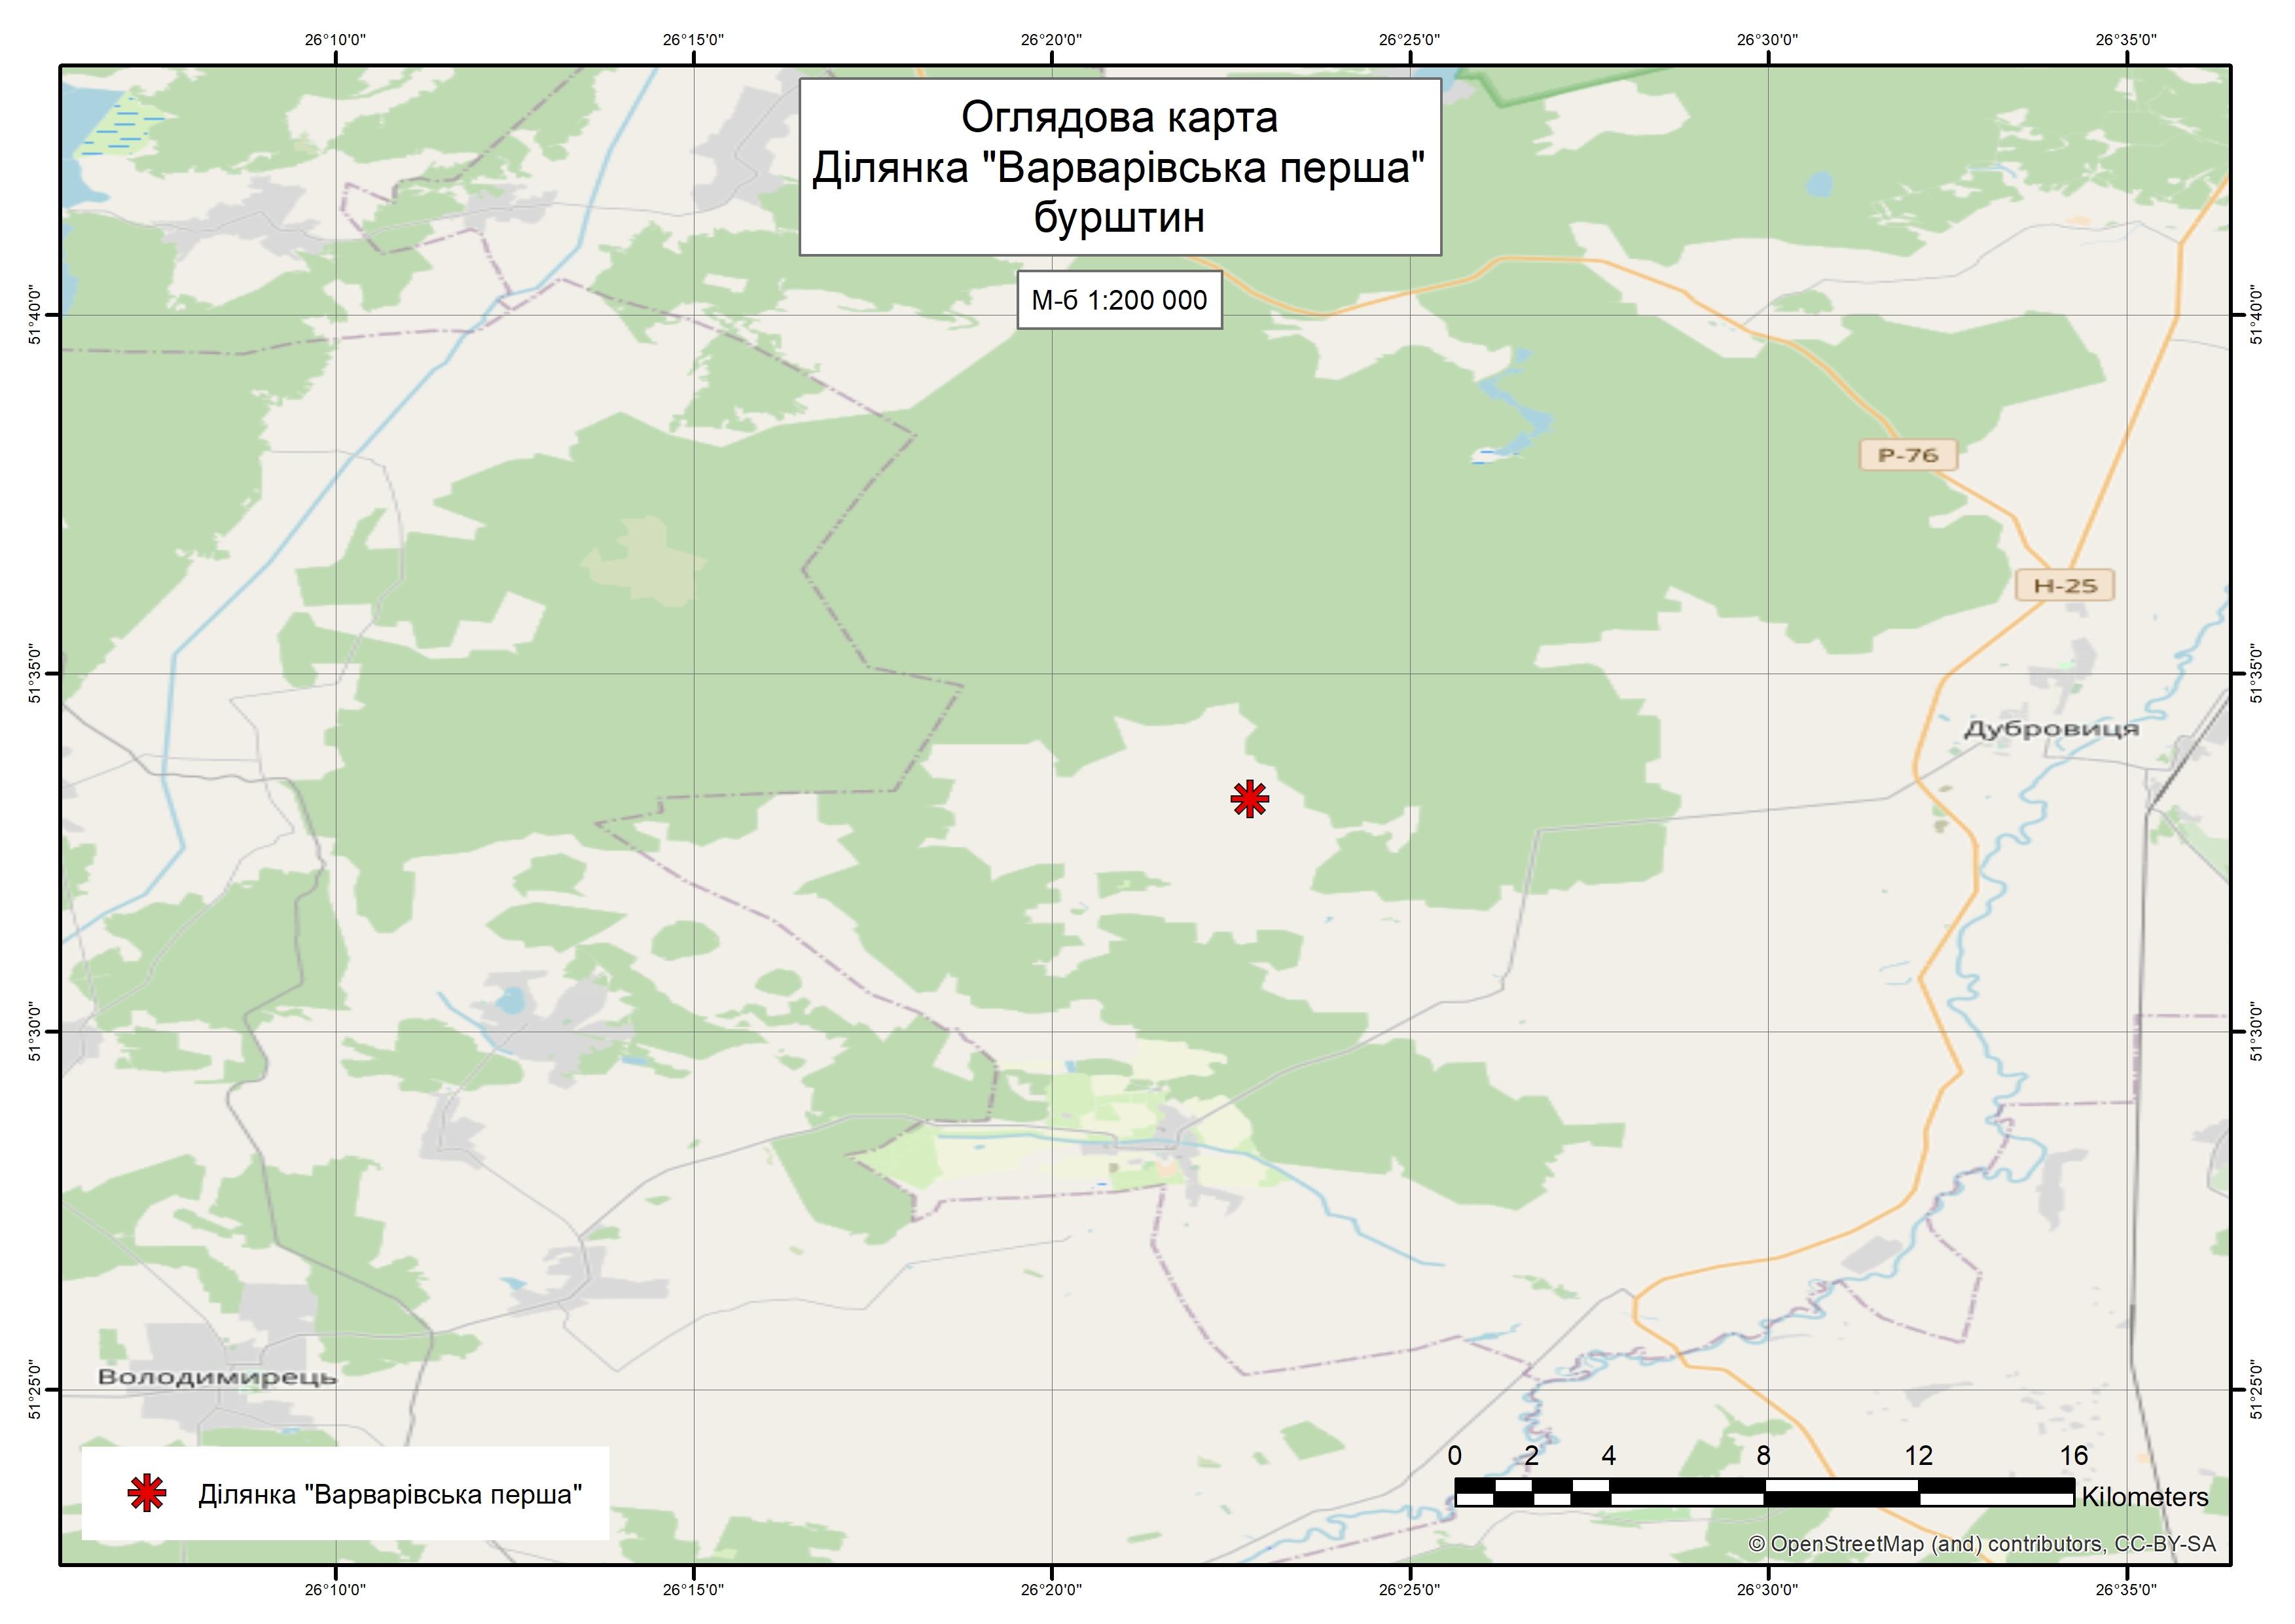 Спеціальний дозвіл на користування надрами – Ділянка «Варварівська перша». Вартість геологічної інформації – 97 931,74 грн (з ПДВ). Вартість пакету аукціонної документації – 10 501,92 грн (з ПДВ).